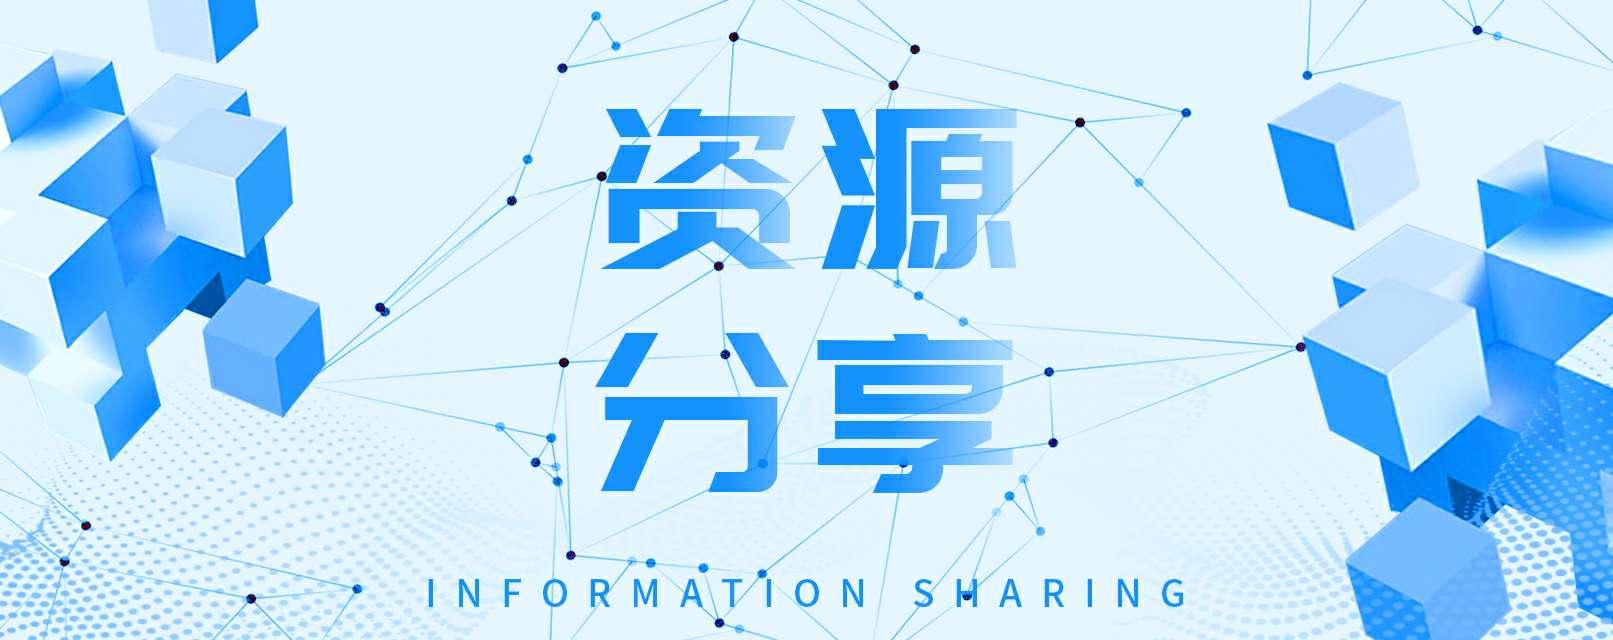 【资源分享】QQ红包成语接龙助手【再也不怕刁钻的成语】